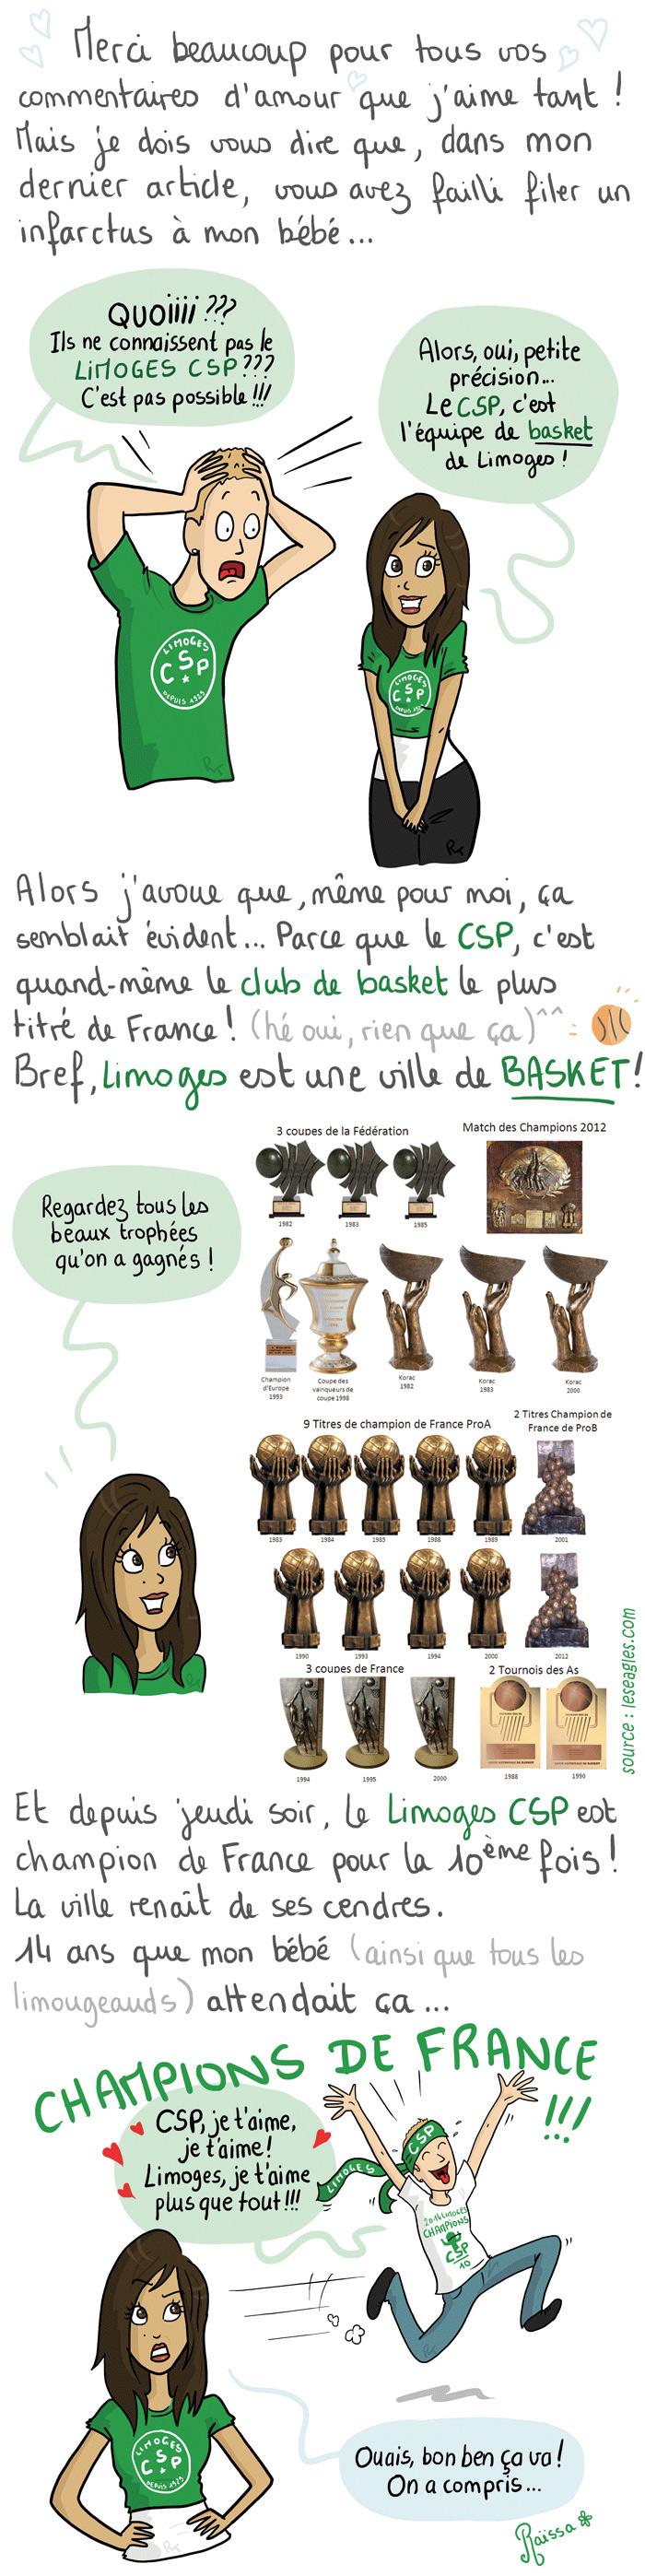 blograissa_note-limoges_csp-basket